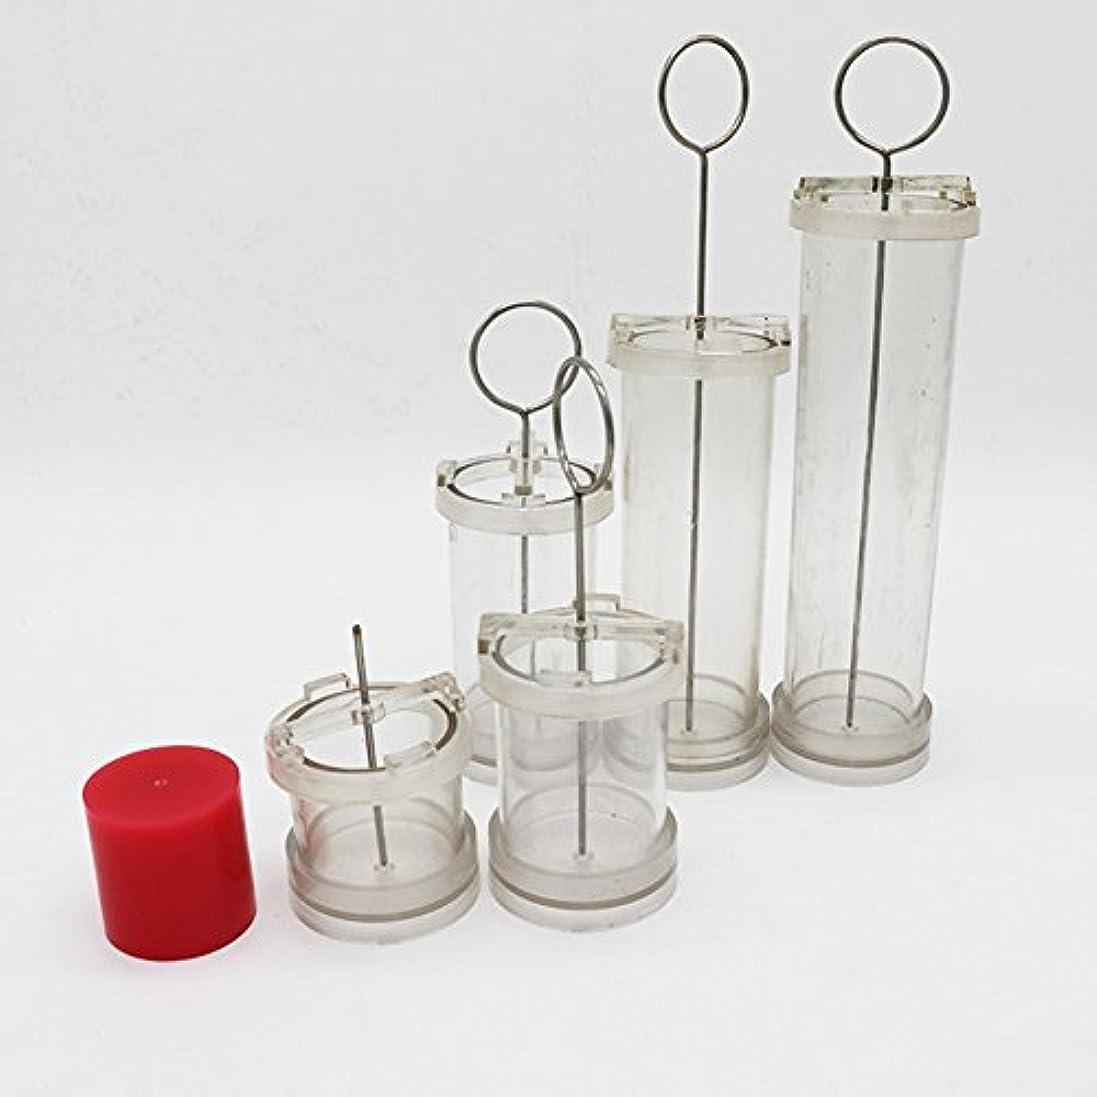 ポルノバック外部ACHICOO キャンドル DIY ハンドメイド シリンダー形状 ワックス金型 香り PCチューブを作る 特別なワックス成形 フラットヘッド径Φ5*高10cm